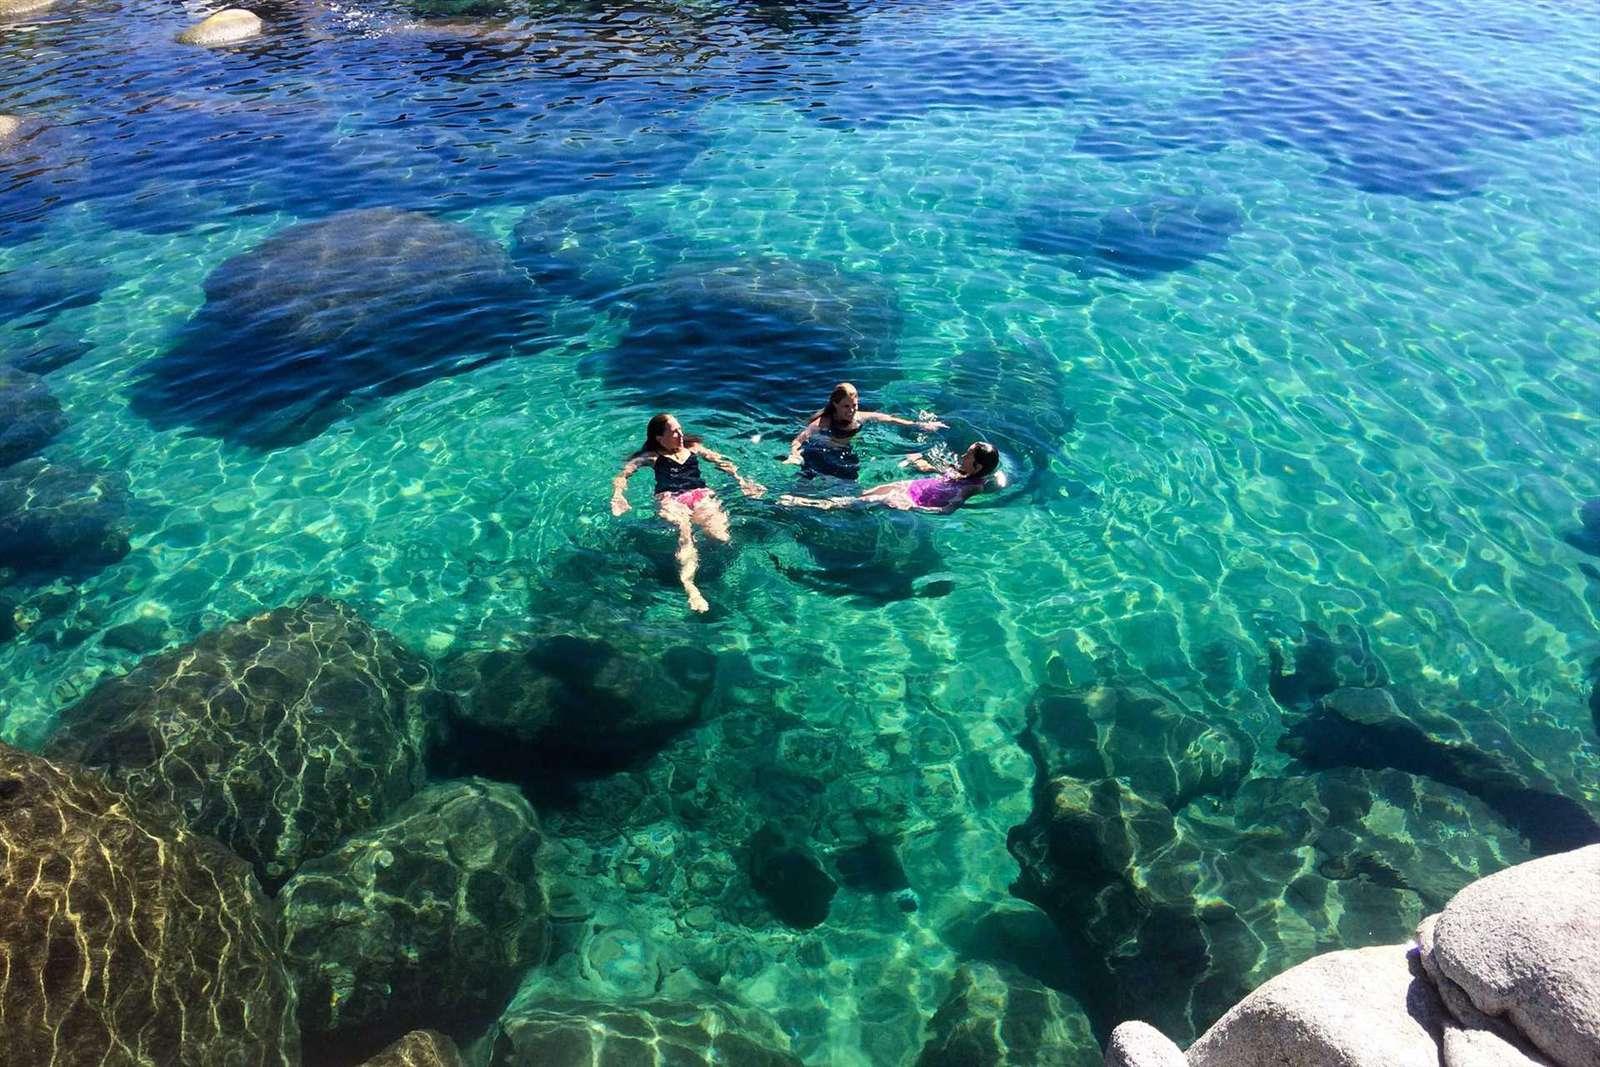 Swimming at Lake Tahoe